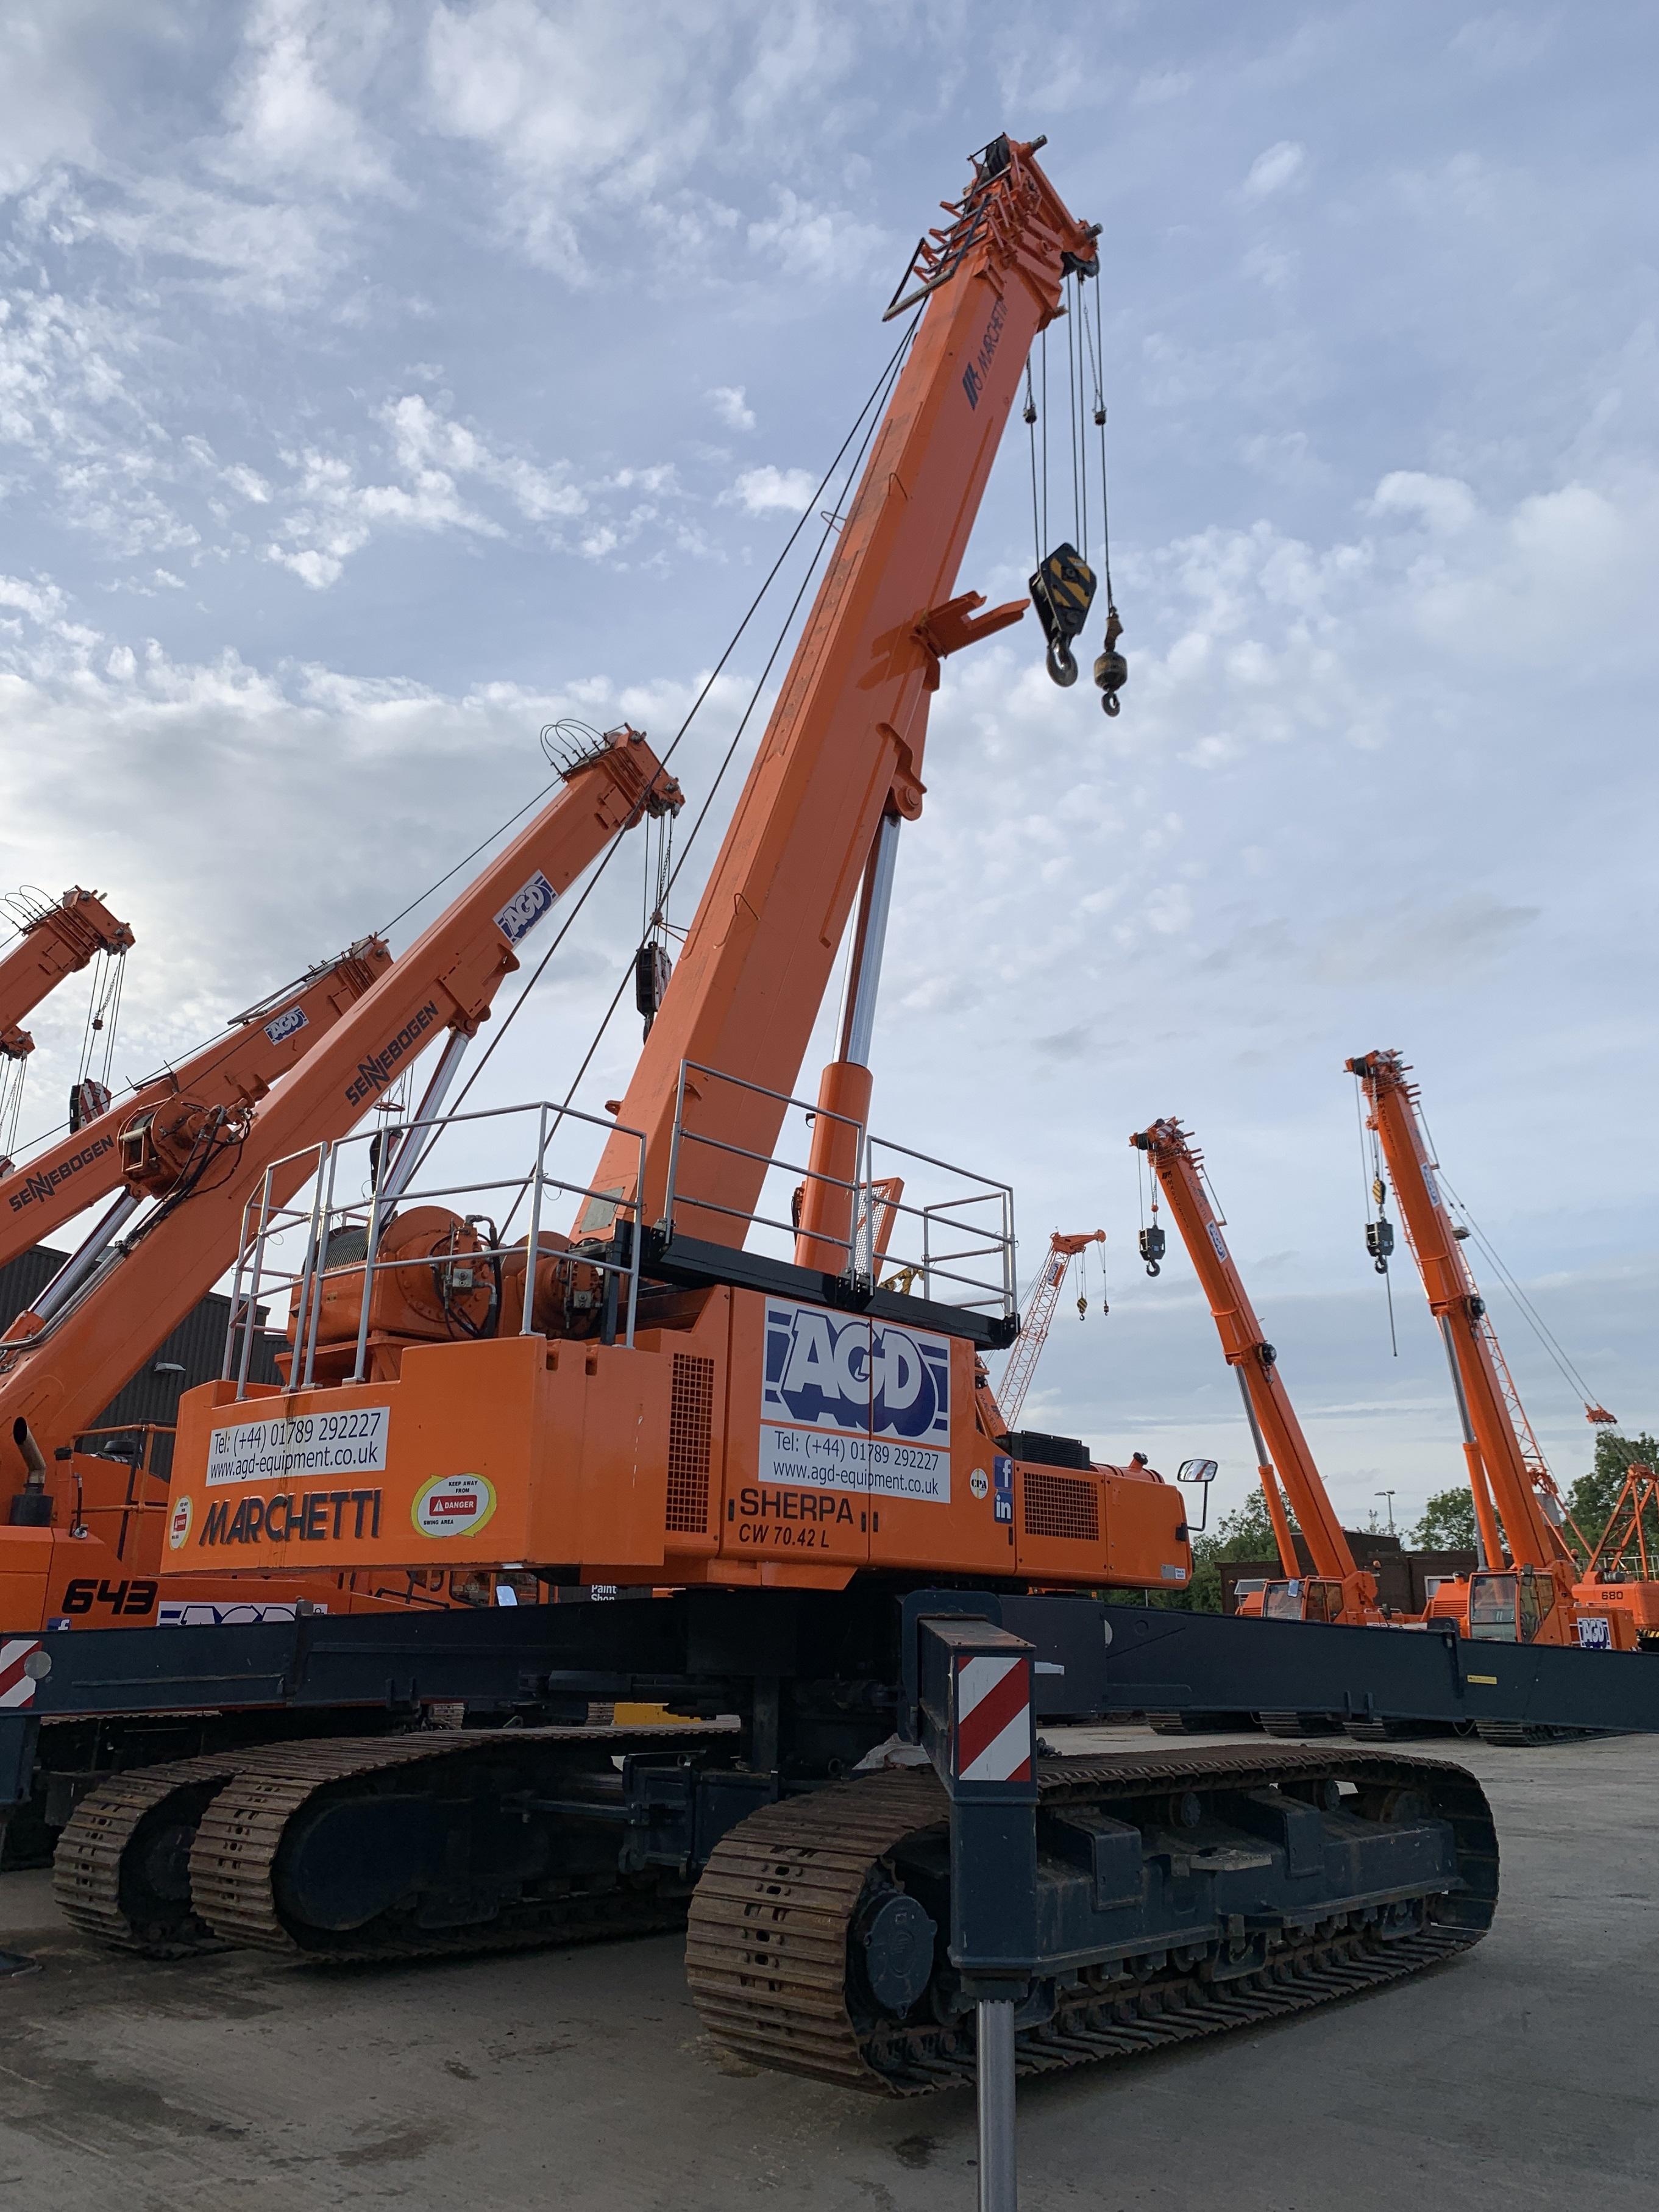 Used Marchetti Sherpa telescopic crawler crane for sale